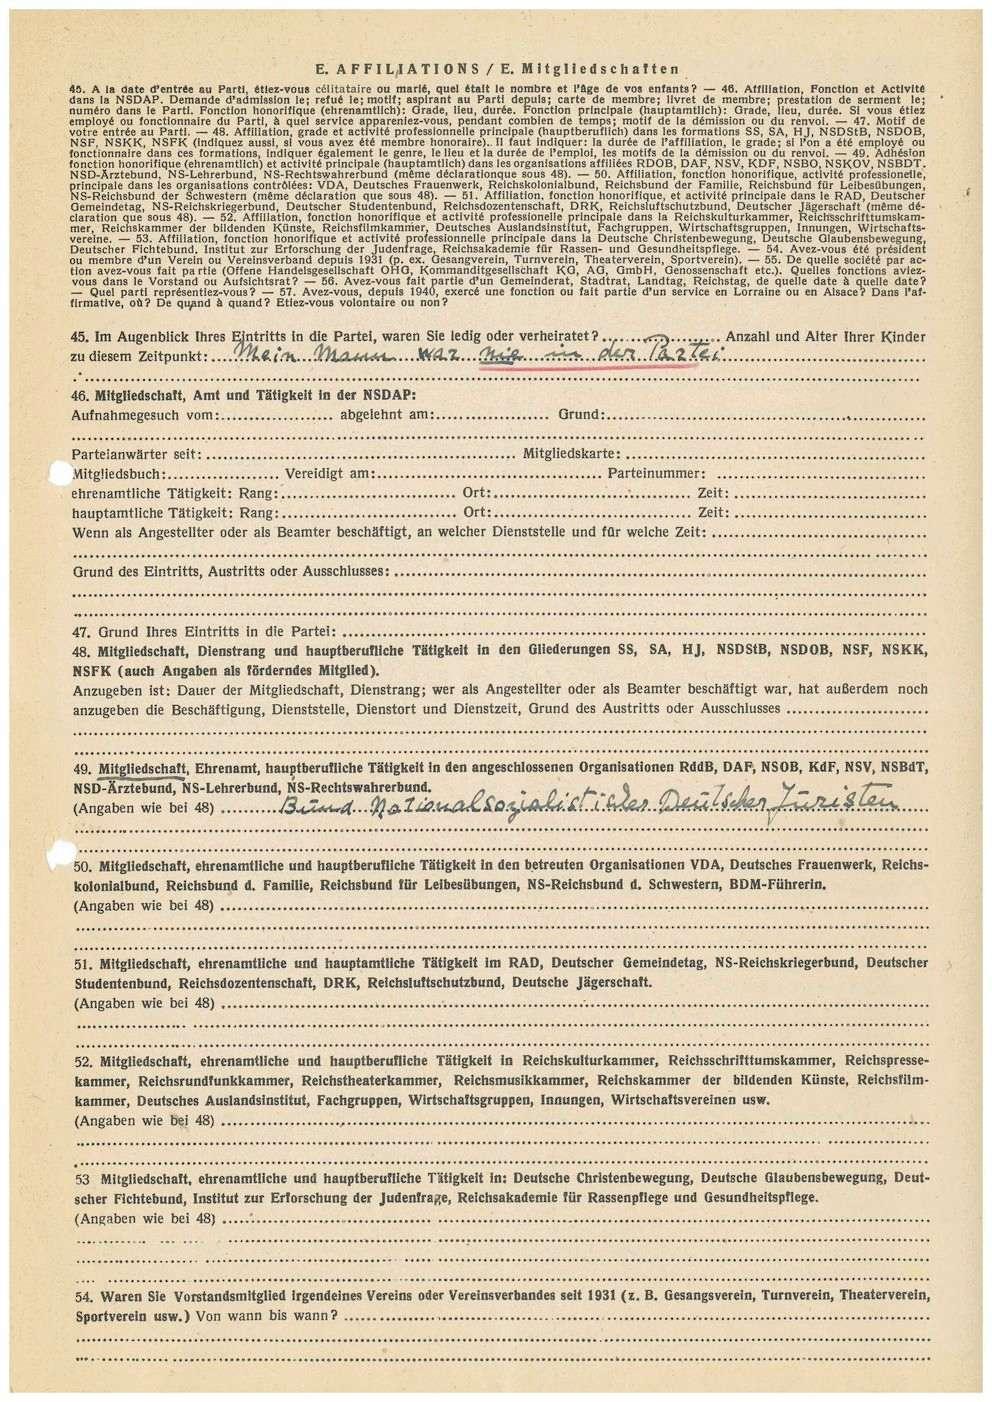 Schenk von Stauffenberg, Berthold, Bild 3